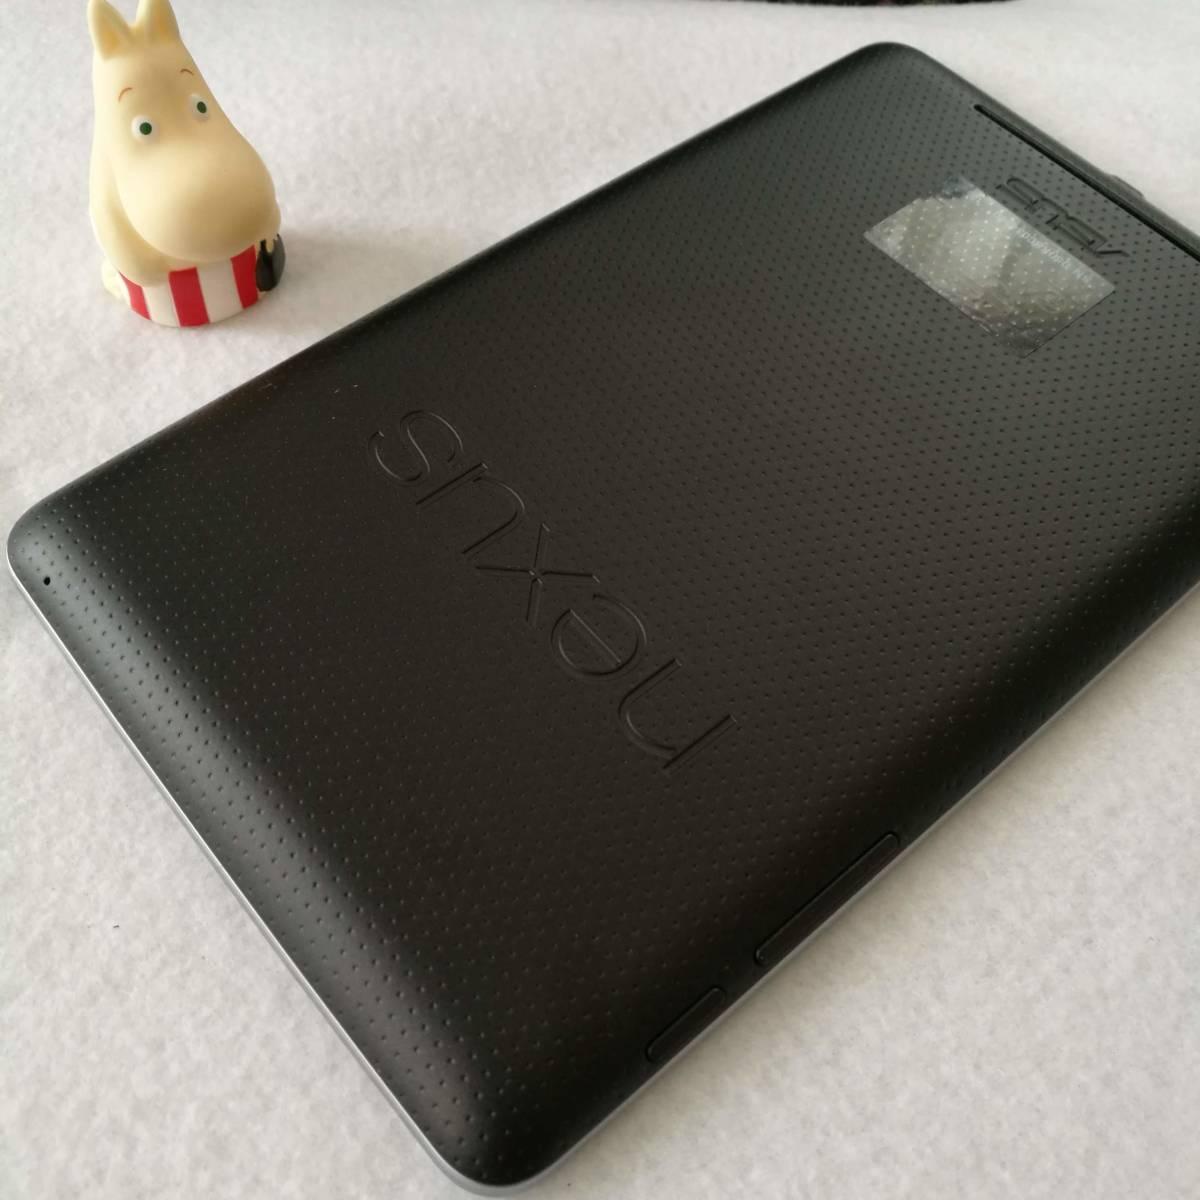 【美品です】【7インチタブレットの名機】Google Nexus7 Wi-Fiモデル 16GB ツムツム ポケ森 カーナビ AbemaTV インスタ できます 16_画像6